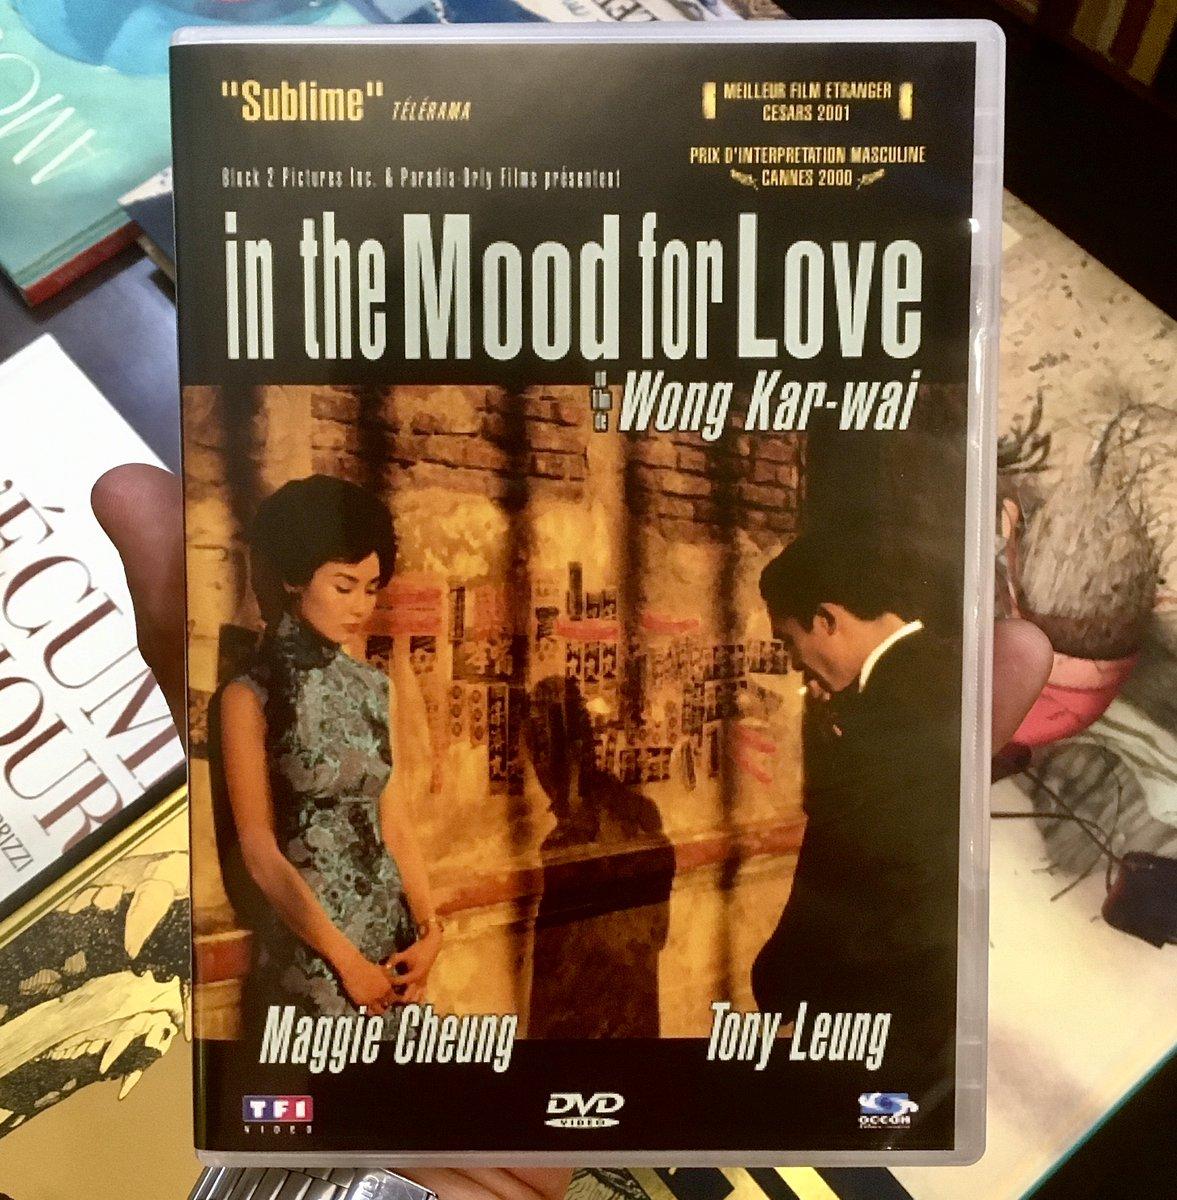 Idée #film pour ce #weekend, #inthemoodforlove classique intemporel de #WongKarwai  ➡️ #César du meilleur film étranger en 2001, prix interprétation au #FestivaldeCannes pour #TonyLeungChiuwai  #LaBourse #cinema #DVD #BluRay #neuf #occasion #Lyon https://t.co/kmhqk6acap